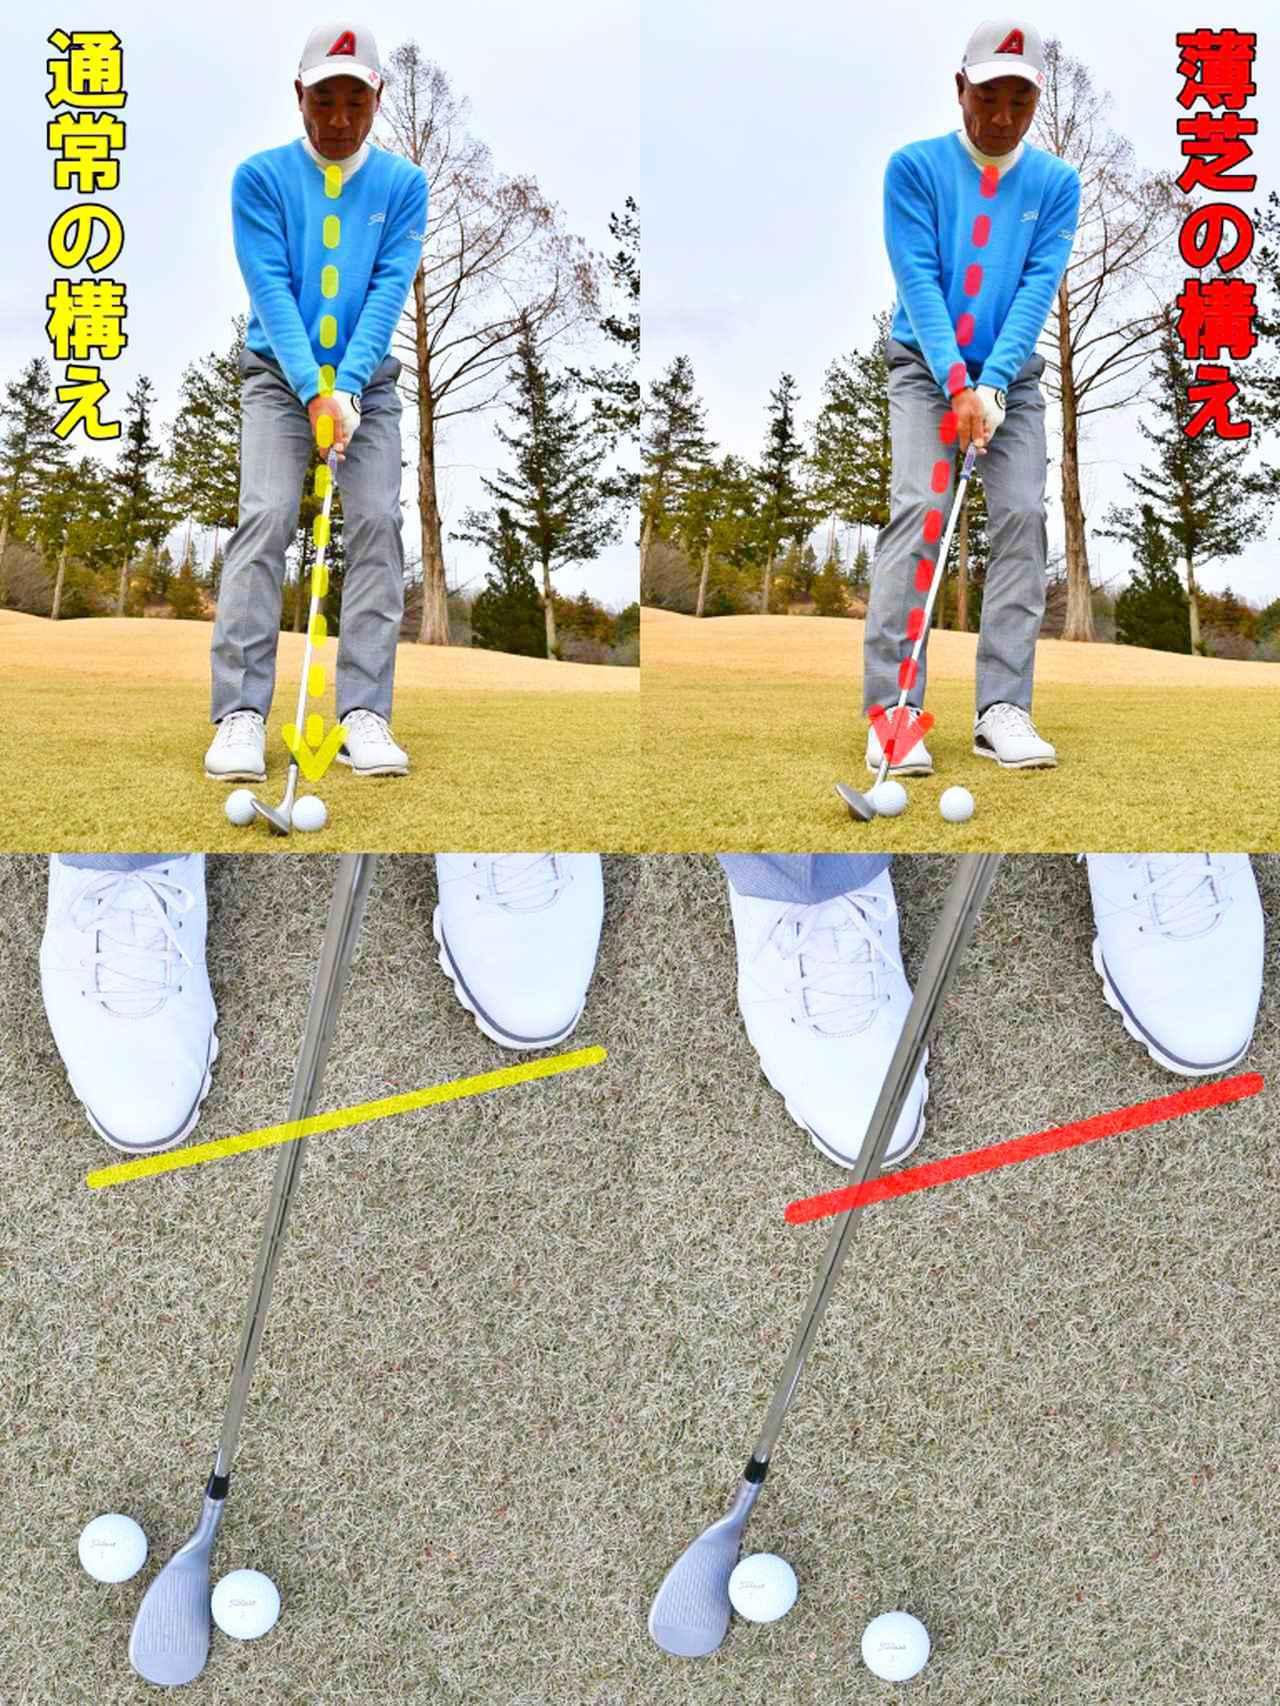 画像: 通常は上からボールを見て、スタンスはややオープンに構える。薄芝の時は、左斜め上からボールを見て、スタンスの幅を狭くする